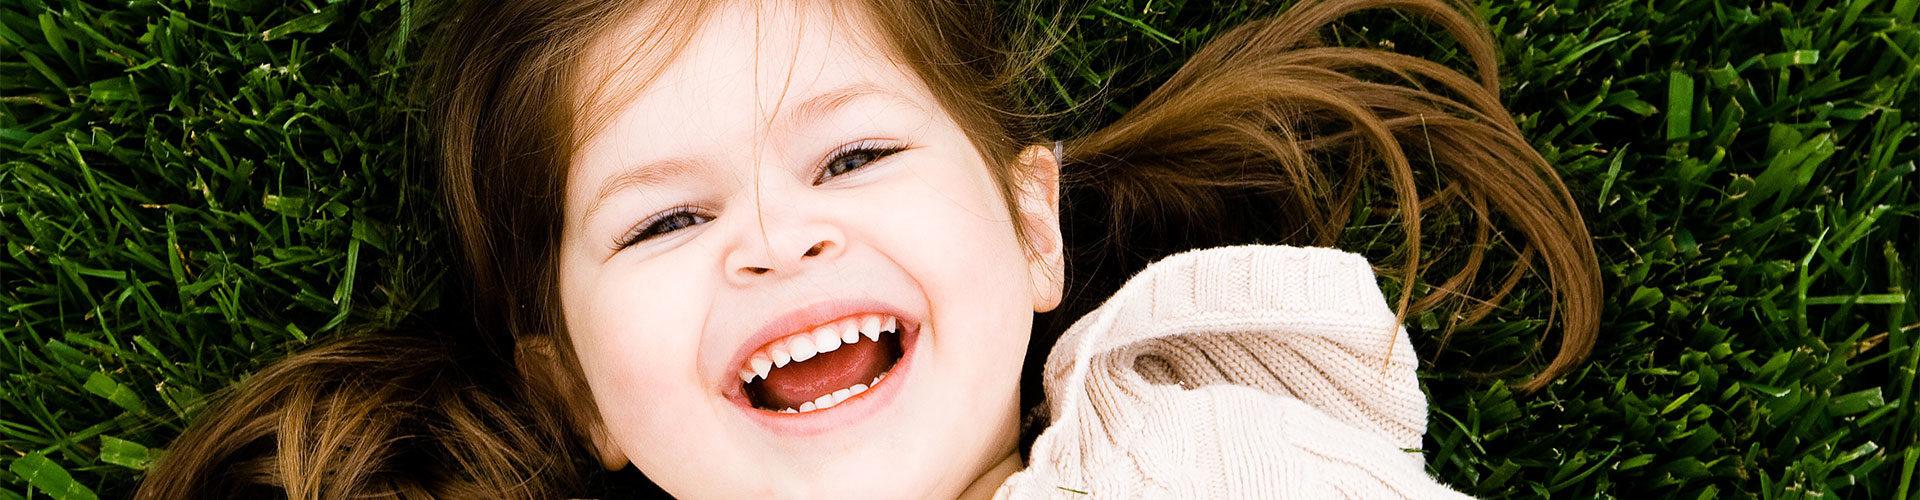 Pediatric Dentistry In Calgary